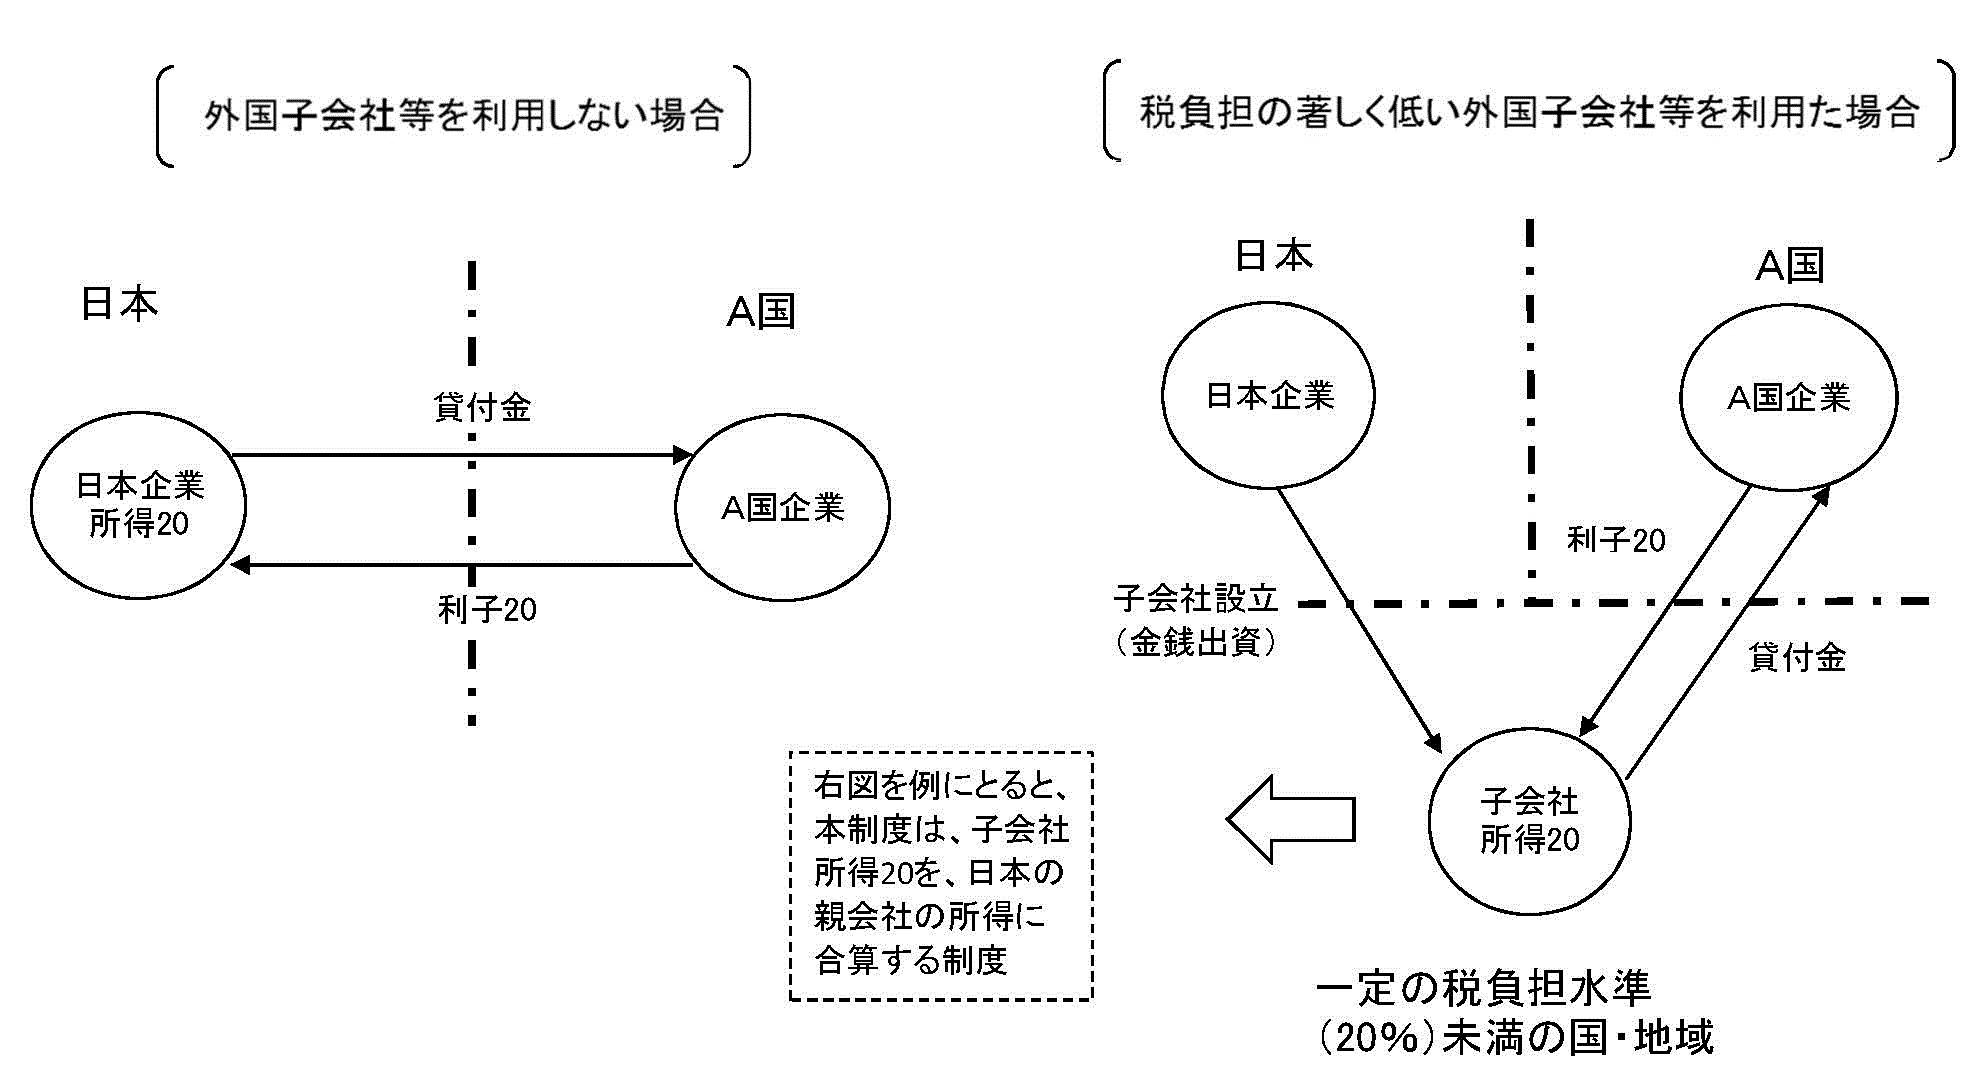 20160503_財務省_外国子会社合算税制の仕組み